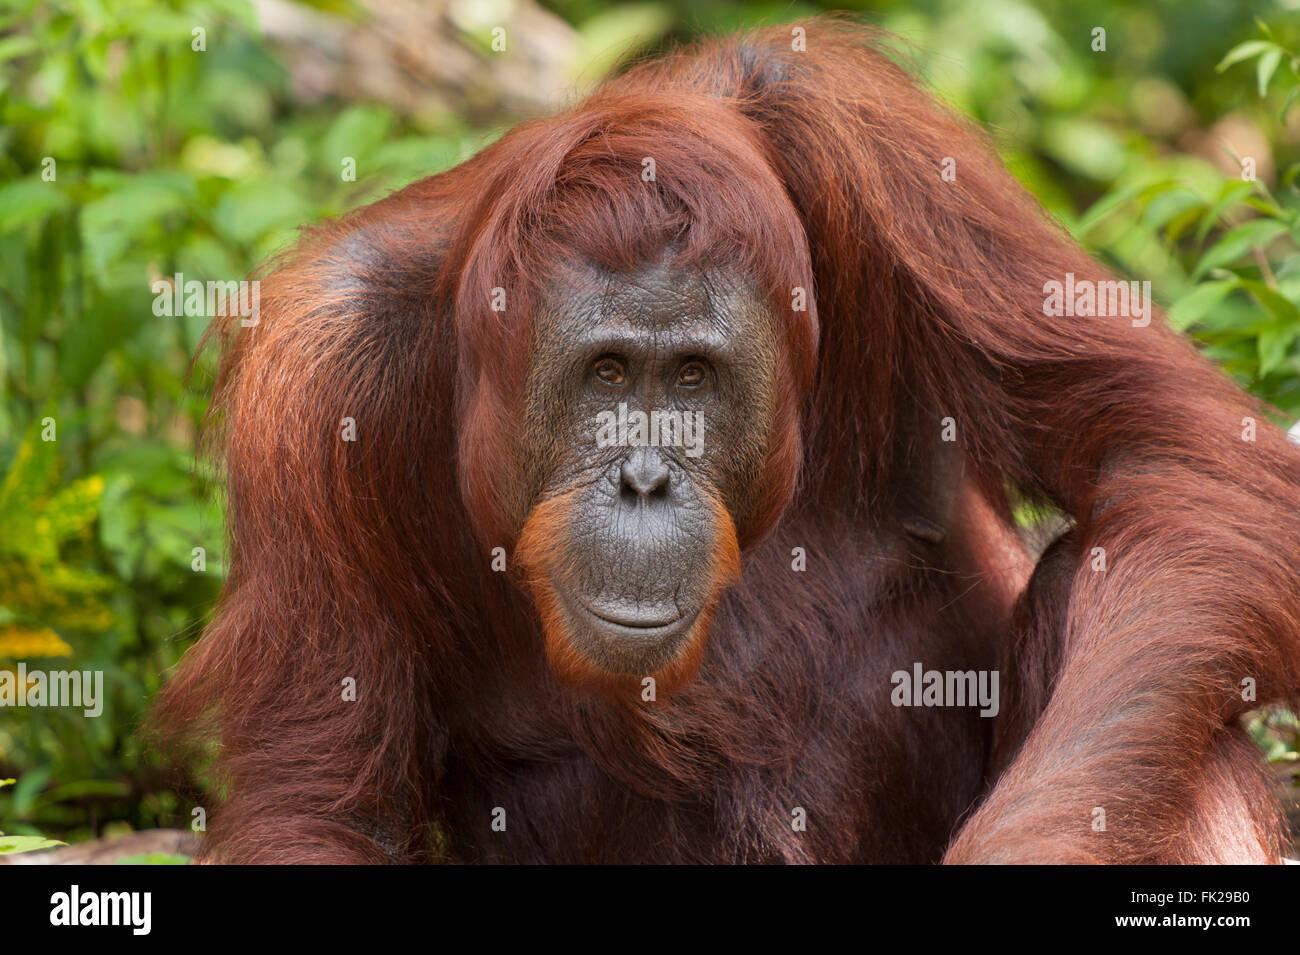 Bornean Orangutan (Pongo pygmaeus wurmbii) - mother named Tut-Tut. - Stock Image